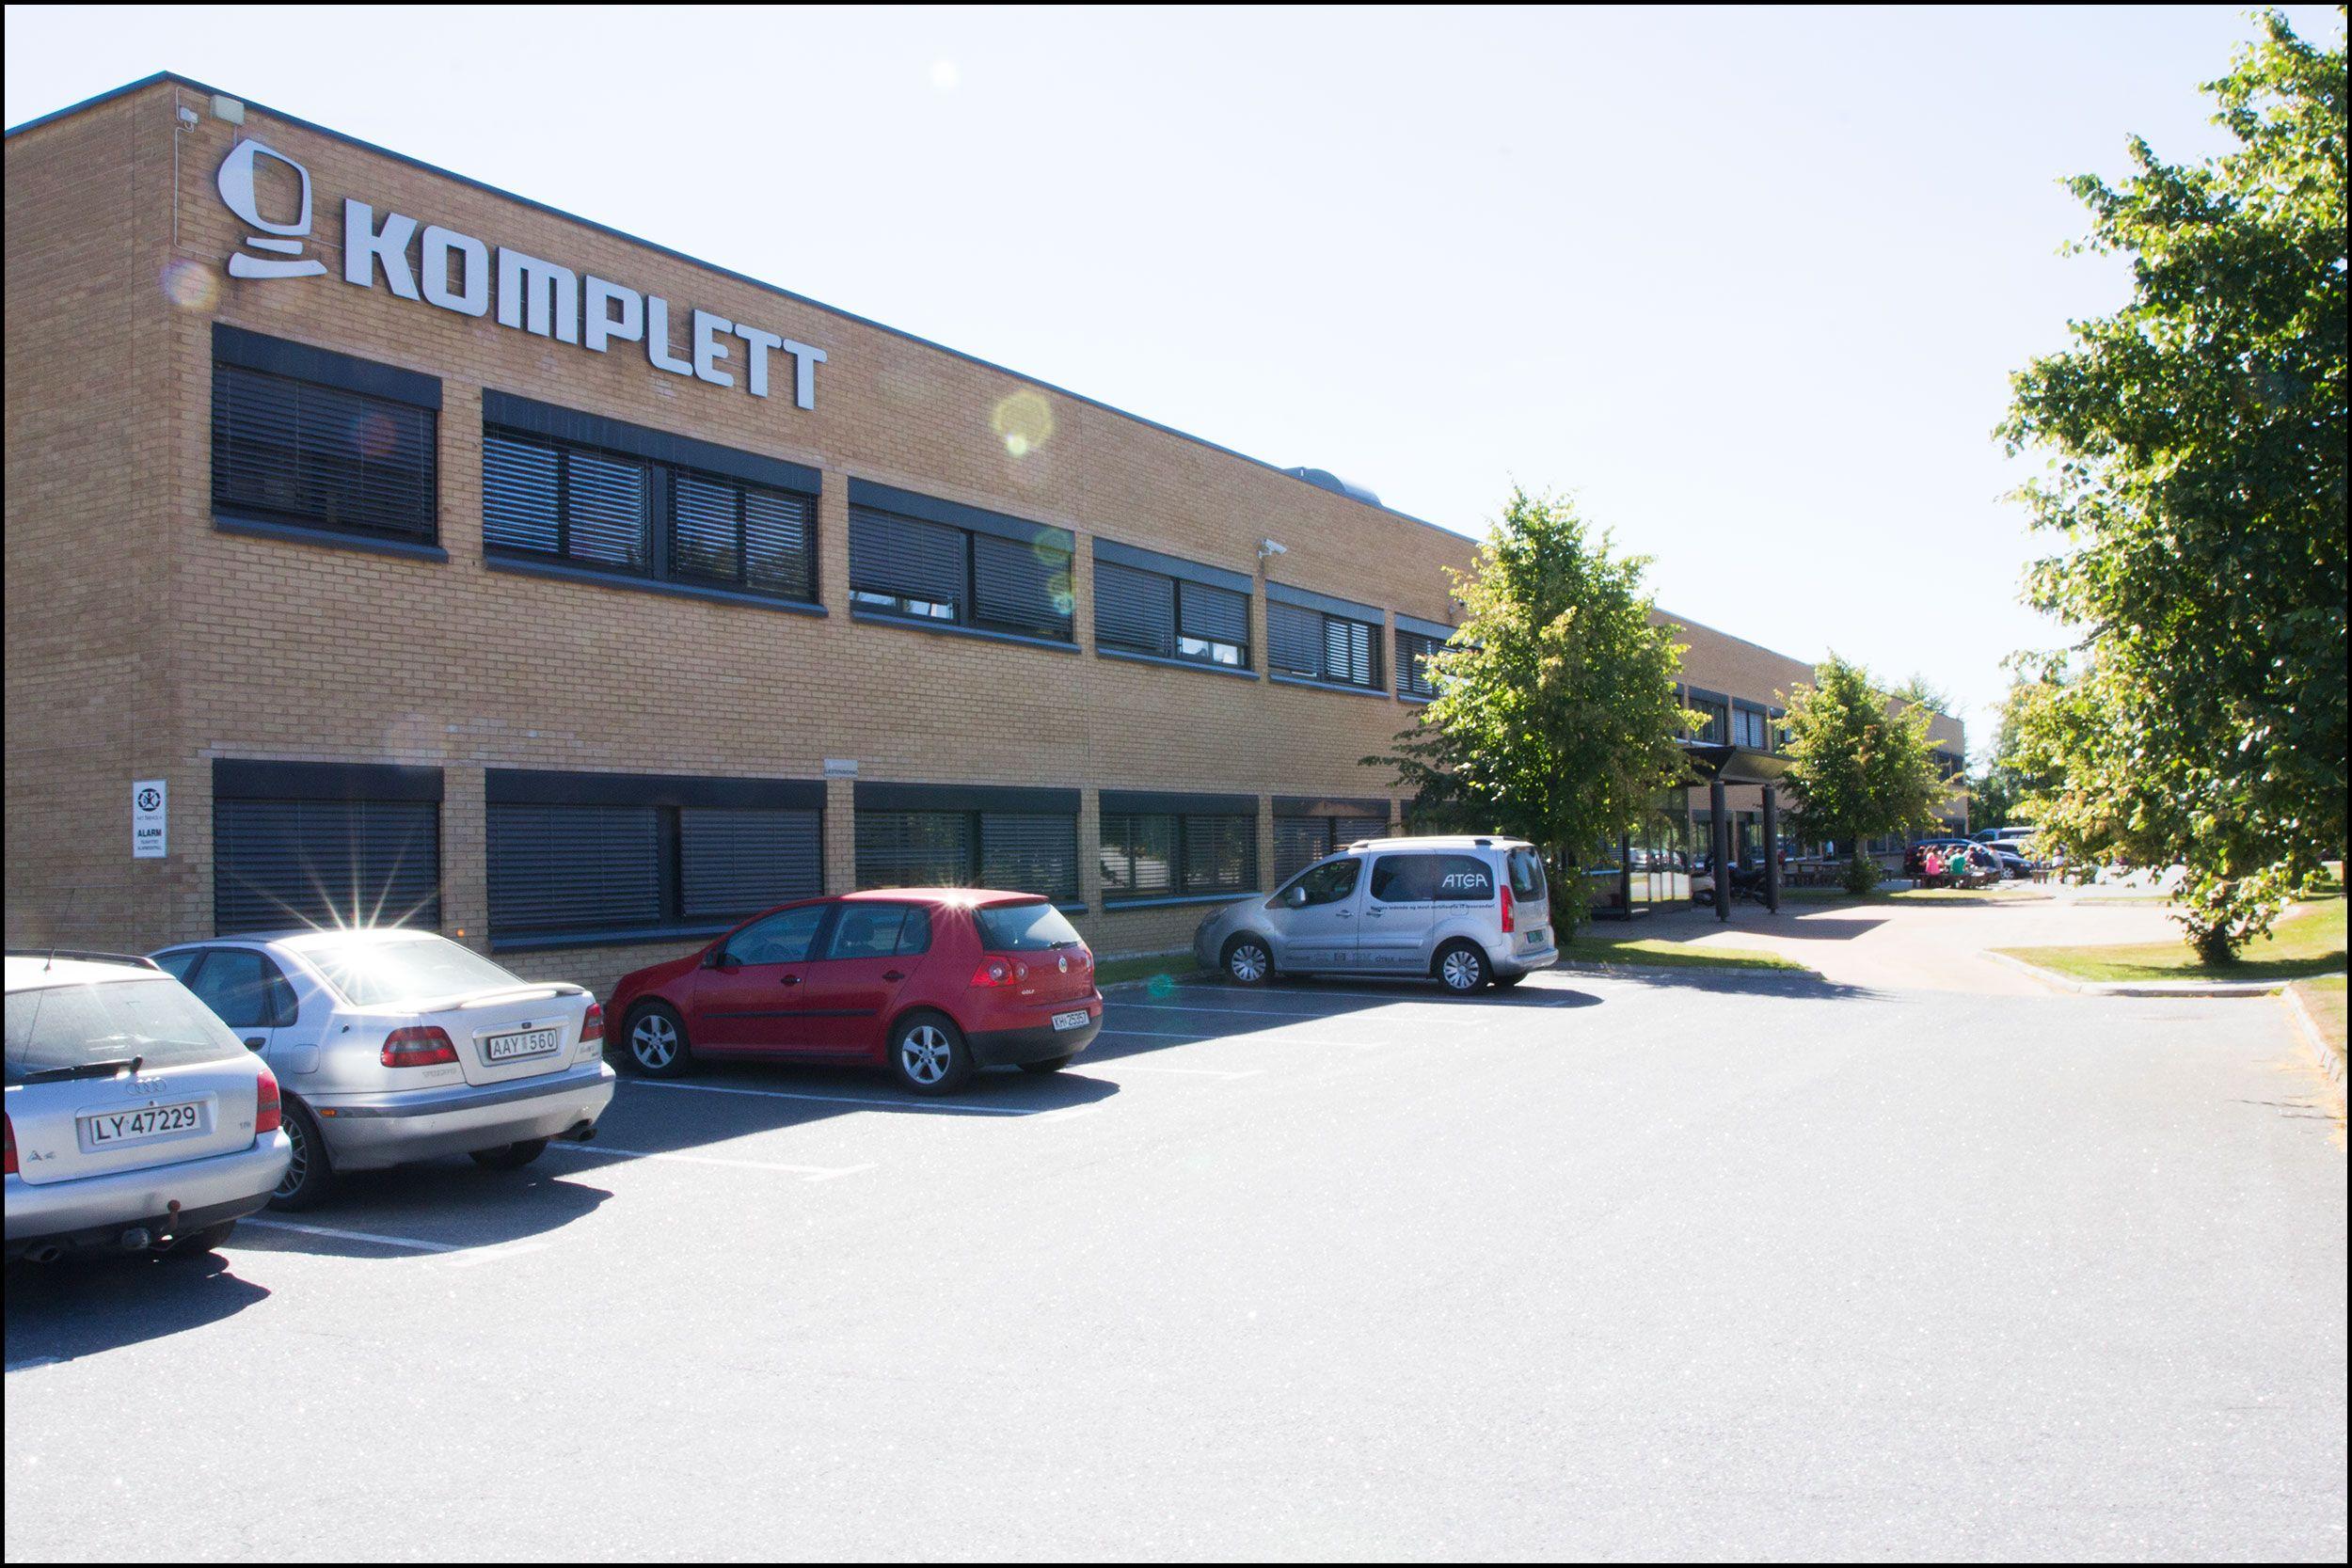 Kompletts hovedkontor i Sandefjord. Foto: Jørgen Elton Nilsen, Hardware.no